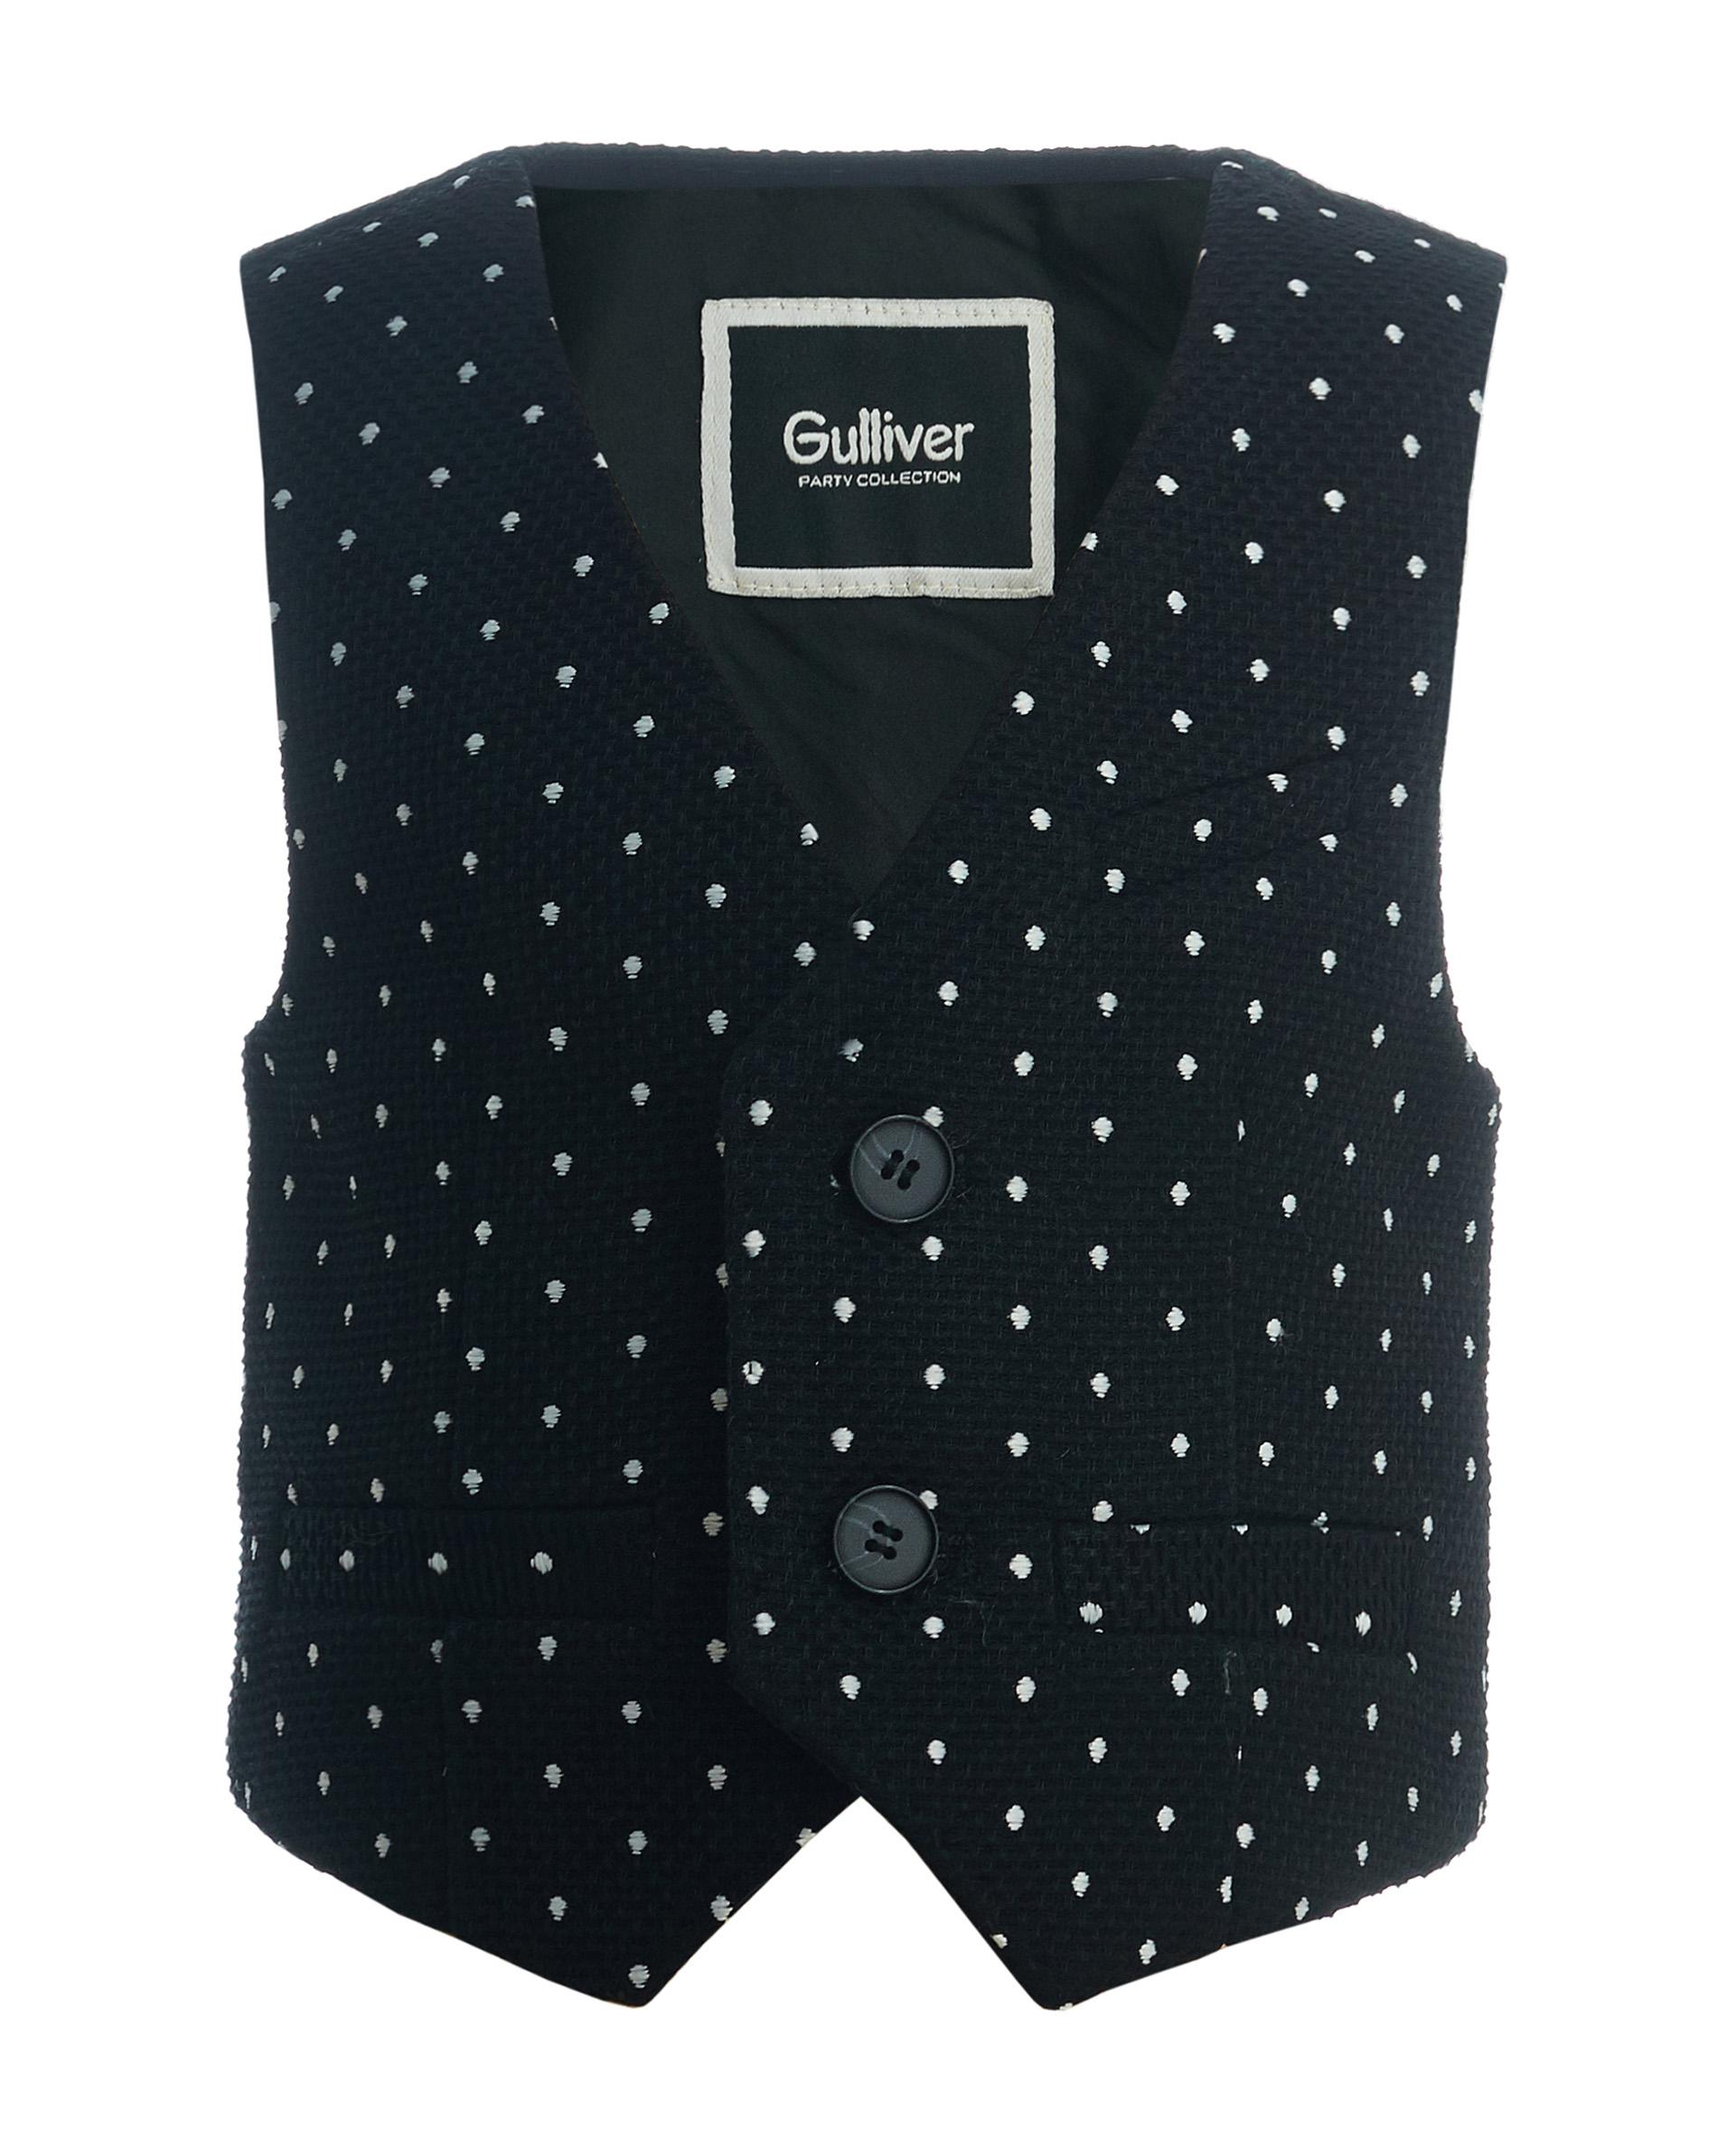 Купить 219GPBBC4701, Черный жилет в горошек Gulliver, Gulliver Baby, черный, 86, Мужской, ОСЕНЬ/ЗИМА 2020-2021 (shop: GulliverMarket Gulliver Market)